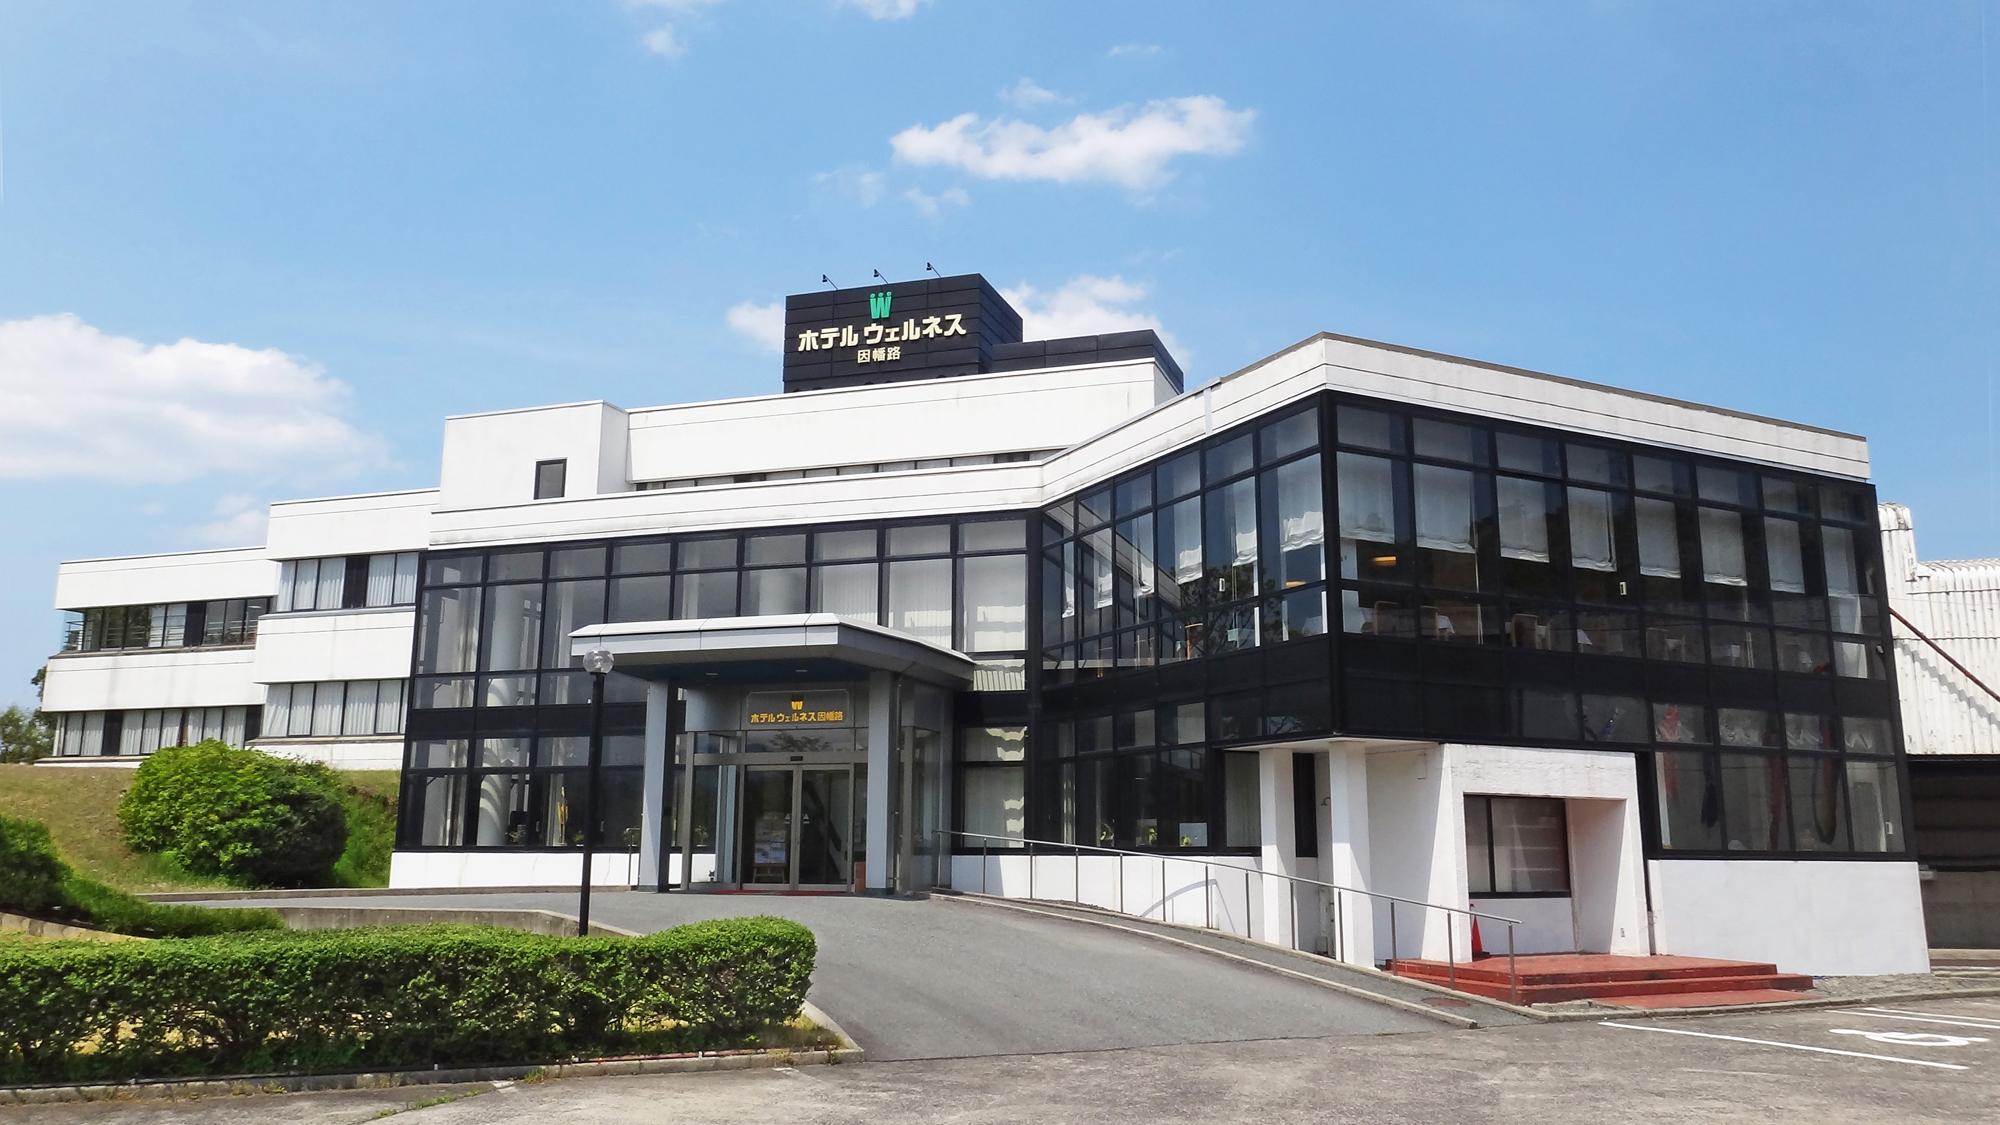 ホテル ウェルネス 因幡路◆楽天トラベル